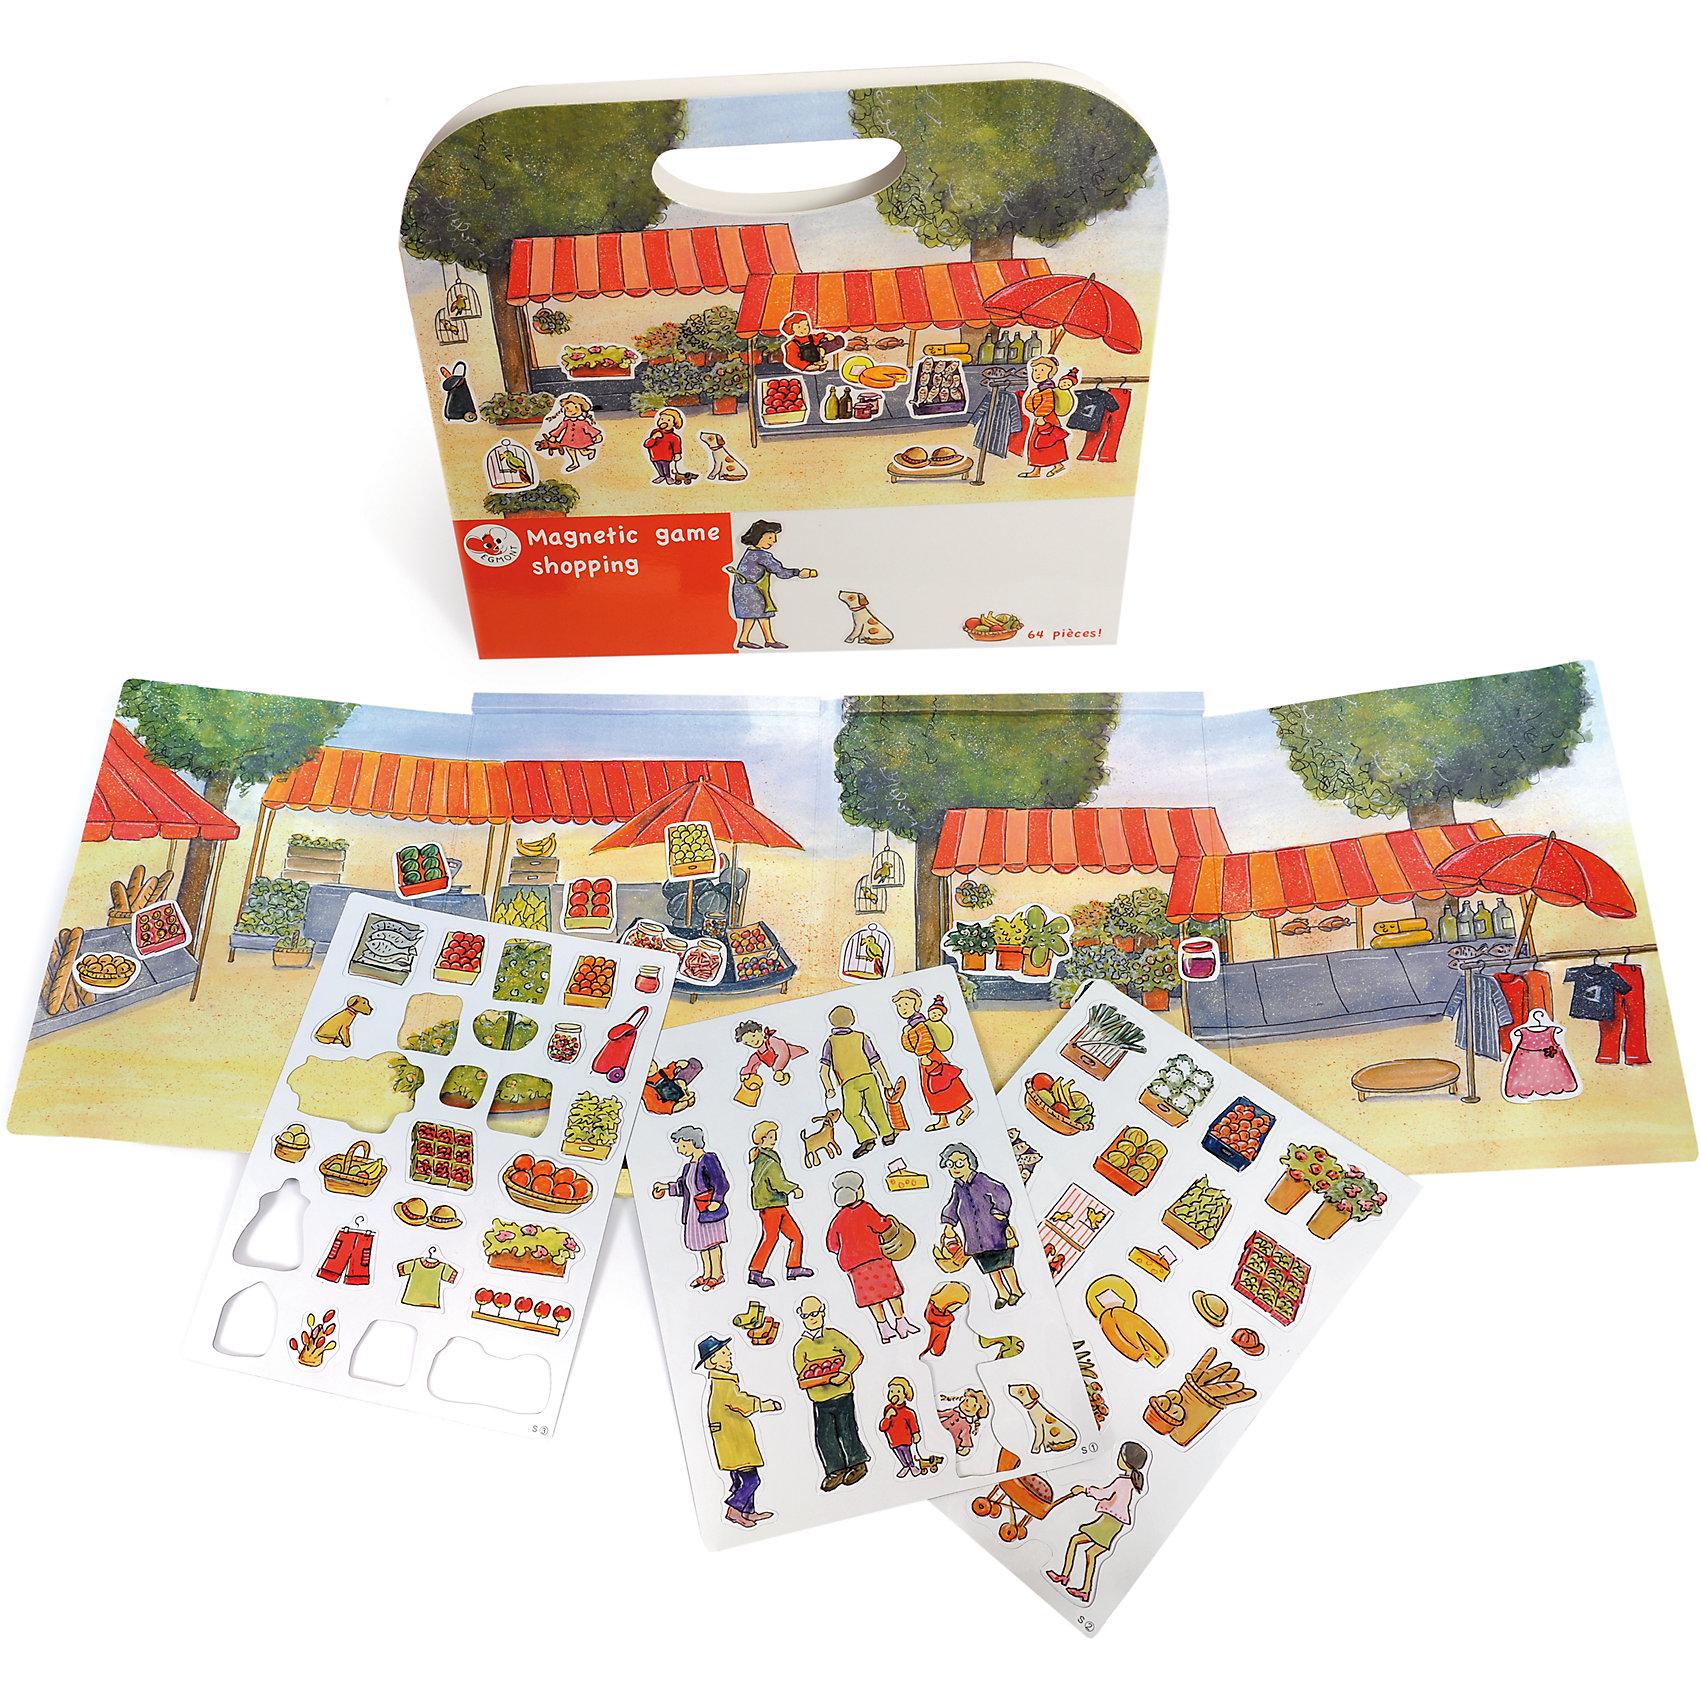 Магнитная игра За покупками, Egmont ToysИгры для развлечений<br>Характеристики:<br><br>• возраст: от 3-х лет;<br>• материал: картон, магнит;<br>• комплектация: магнитная книжка-основа, 64 детали;<br>• размер игры в развёрнутом виде: 25х67,5 см;<br>• вес: 440 г;<br>• размер упаковки: 25х24х1 см;<br><br>Магнитная игра  «За покупками», Egmont Toys – это набор магнитных элементов, предназначенный для сюжетно-ролевых и обучающих игр. Набор также можно использовать в качестве настольной игры.<br><br>Набор состоит из картонной книжки-основы, на которую нанесено изображение продуктового рынка. К основе прилагаются элементы с изображением овощей и фруктов, покупателей и продавцов.<br><br>Магнитная игра  «За покупками», Egmont Toys – это целое методическое пособие, которое позволит в легкой игровой форме познакомить ребенка с особенностями продуктового рынка и правил поведения на нем. Набор имеет множество вариантов игр. <br><br>Магнитную игру  «За покупками», Egmont Toys можно купить в нашем интернет-магазине.<br><br>Ширина мм: 250<br>Глубина мм: 240<br>Высота мм: 10<br>Вес г: 440<br>Возраст от месяцев: 36<br>Возраст до месяцев: 2147483647<br>Пол: Унисекс<br>Возраст: Детский<br>SKU: 5544493